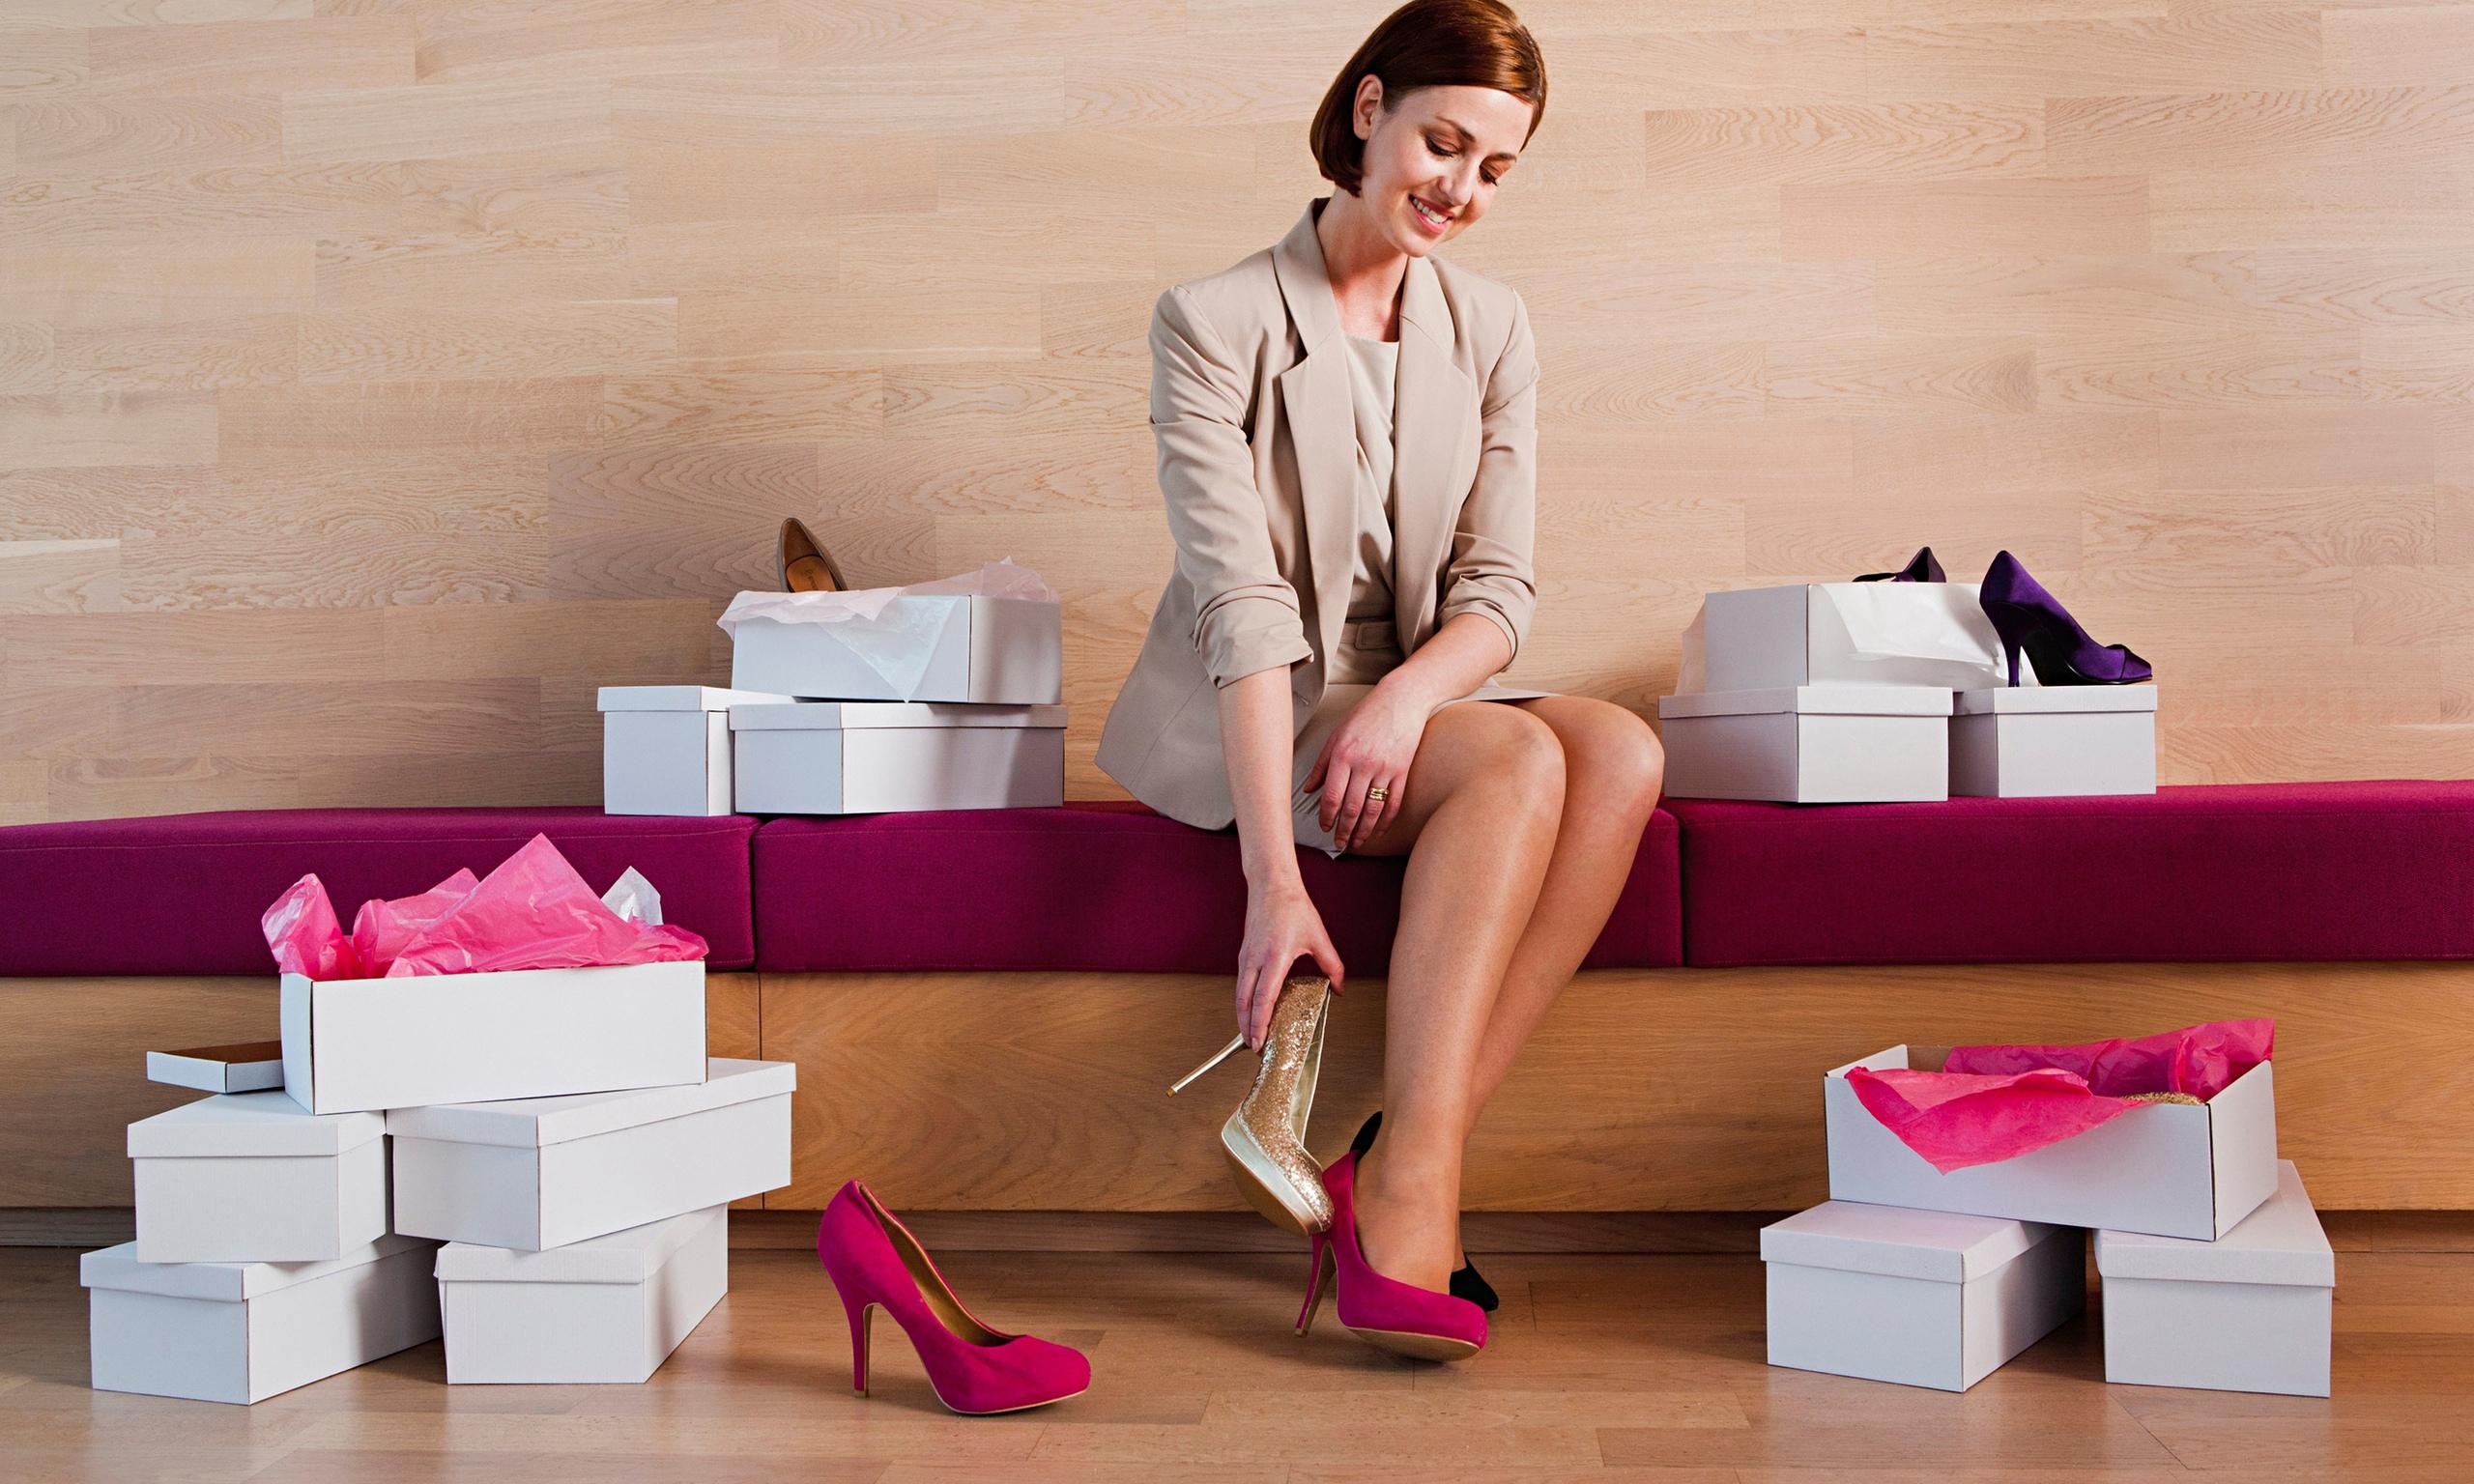 d1dff86de91 Shoes Shopping – Fashion dresses